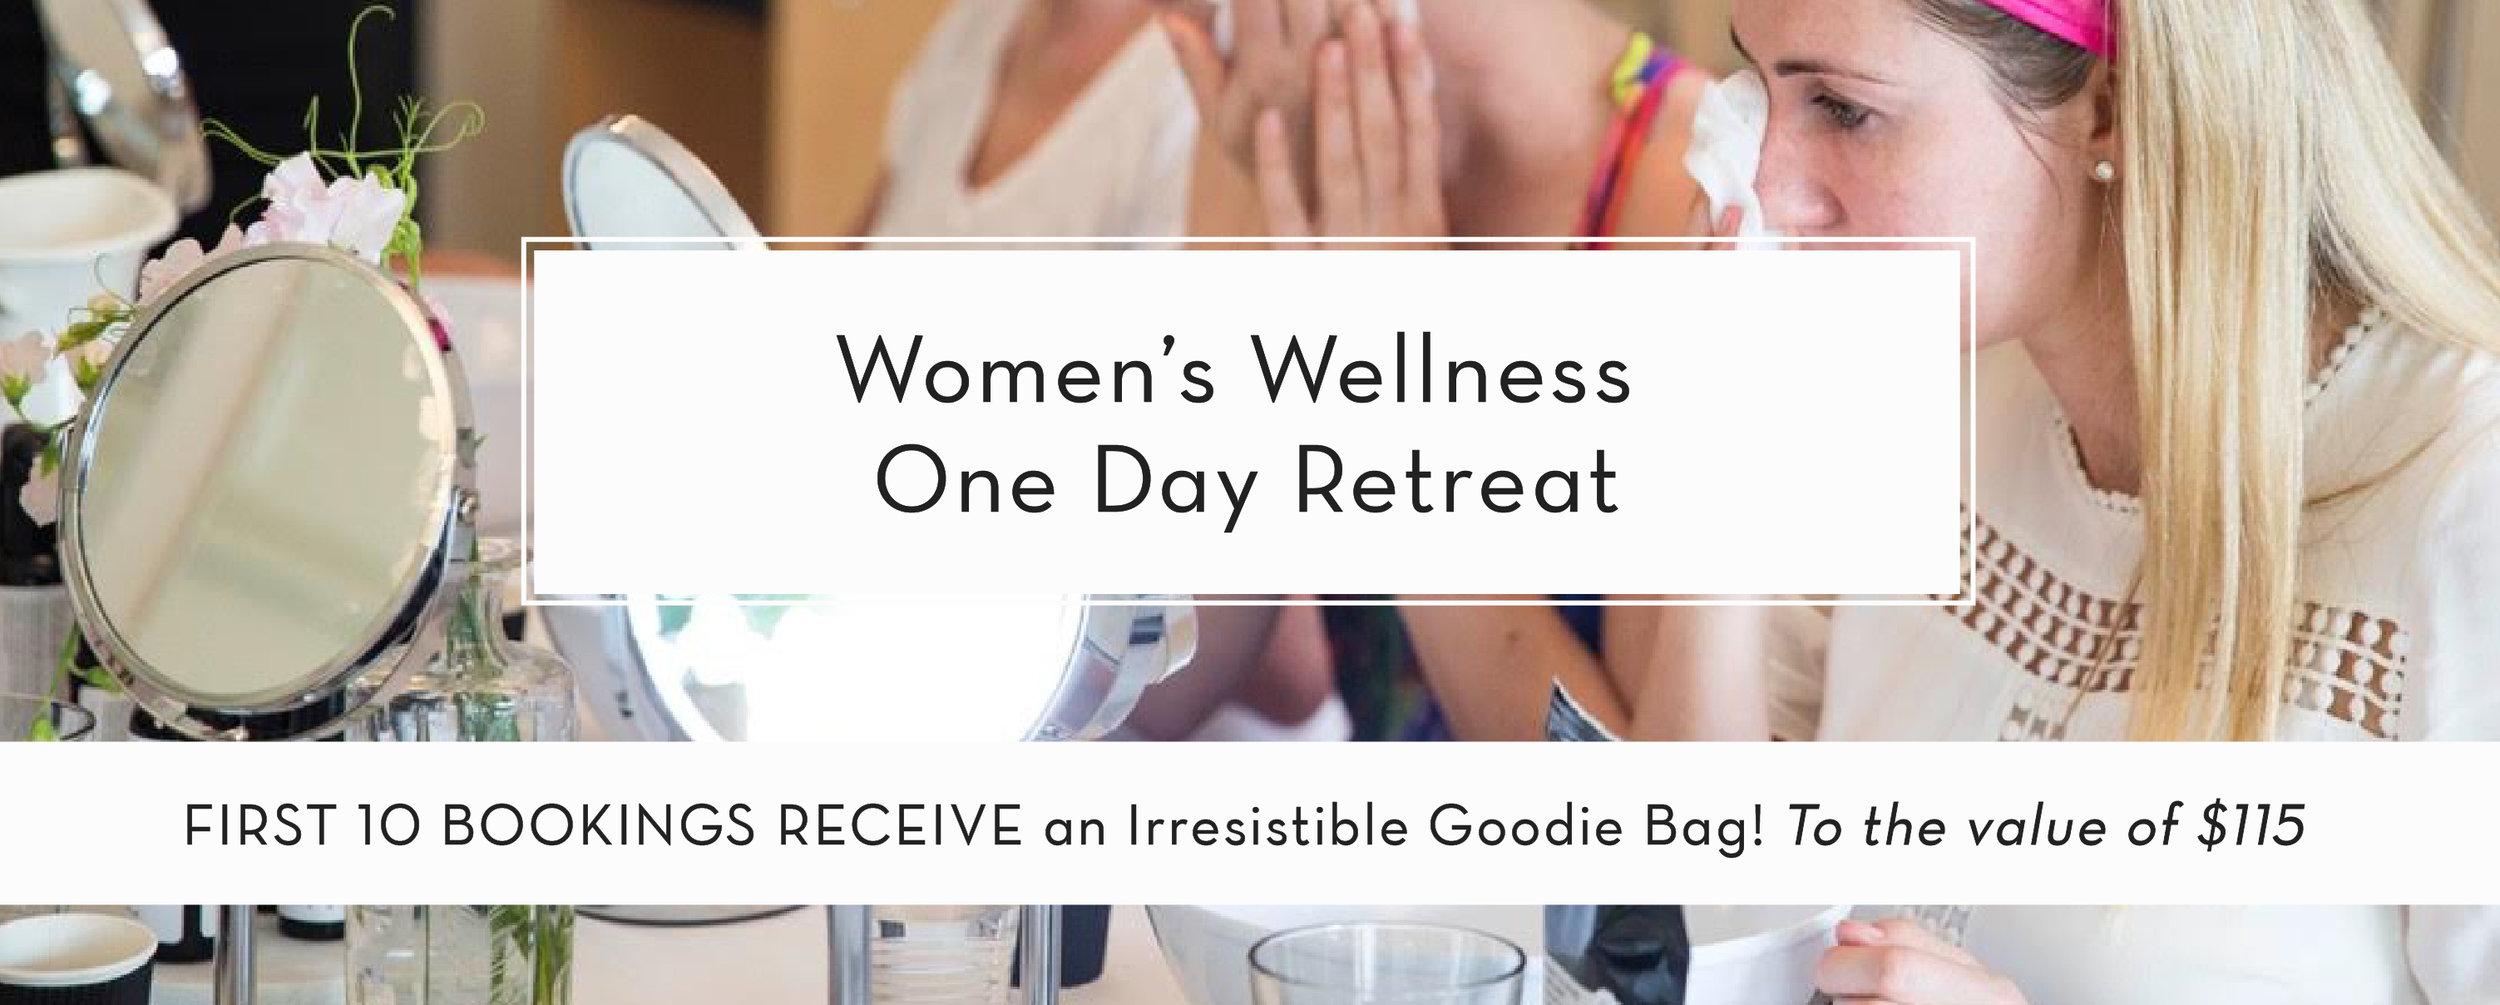 Womens Wellness Banner-19-19.jpg